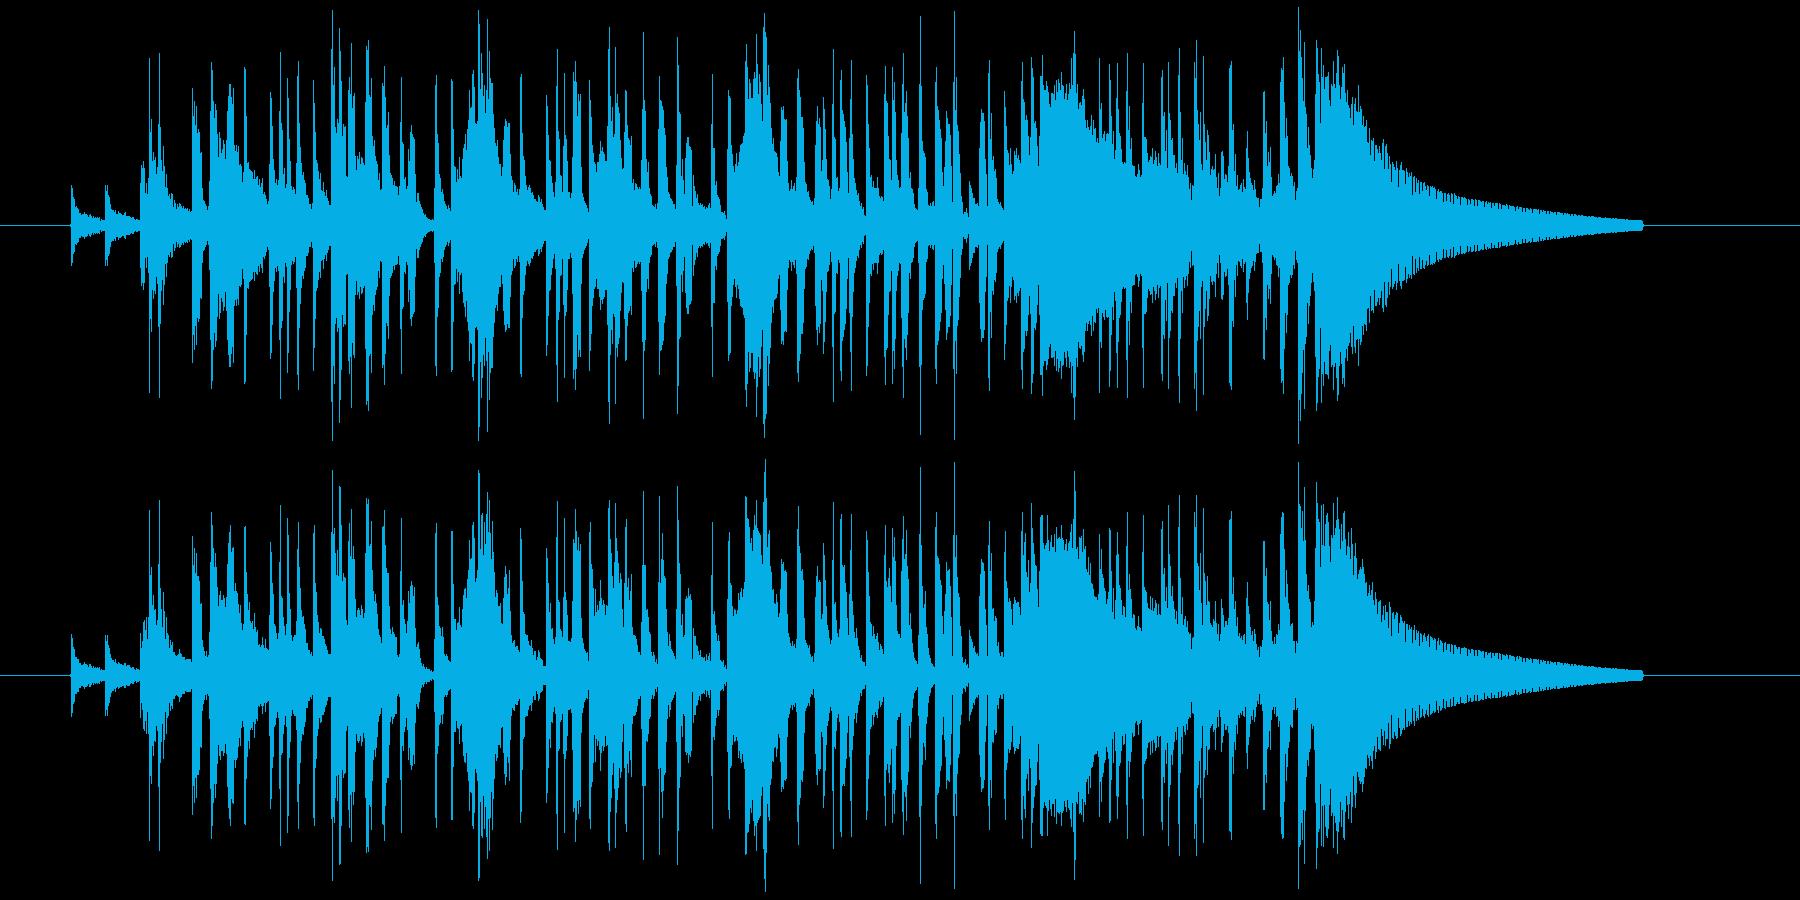 サンプリングの猫の声を使ったジングルの再生済みの波形